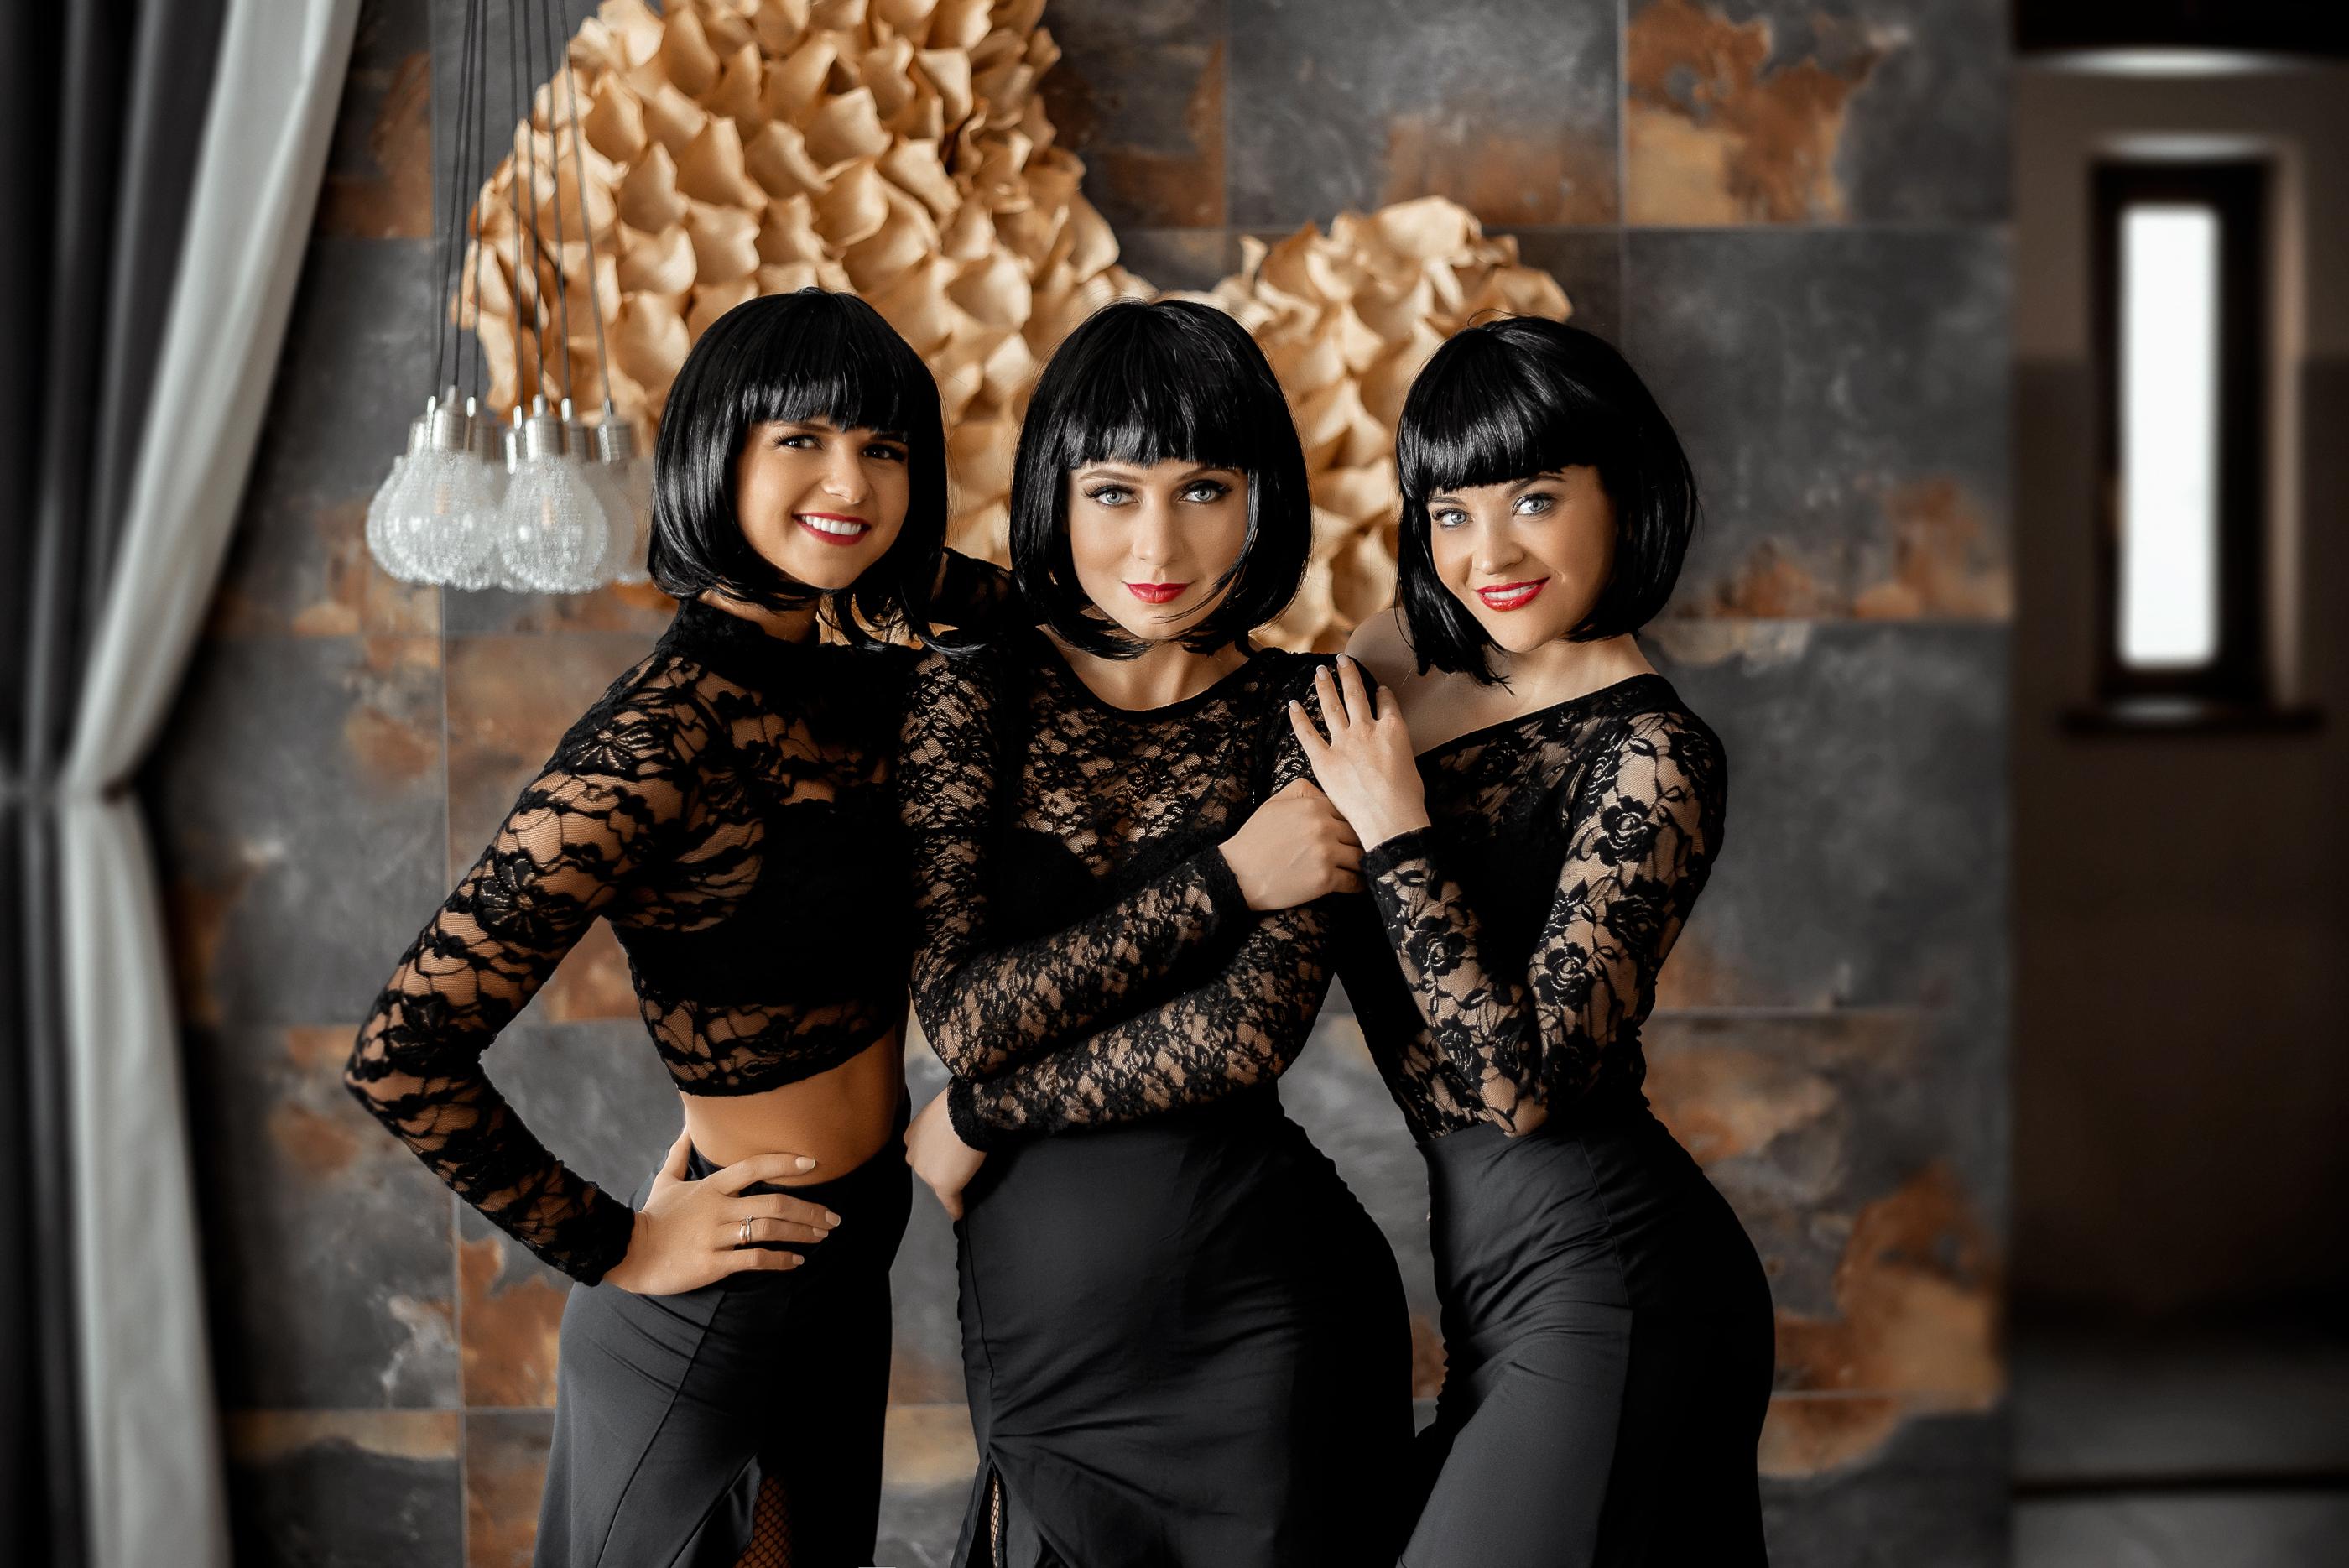 Šokių šou programa, pasirodymas vestuvėms, gimtadieniui, renginiams - tango